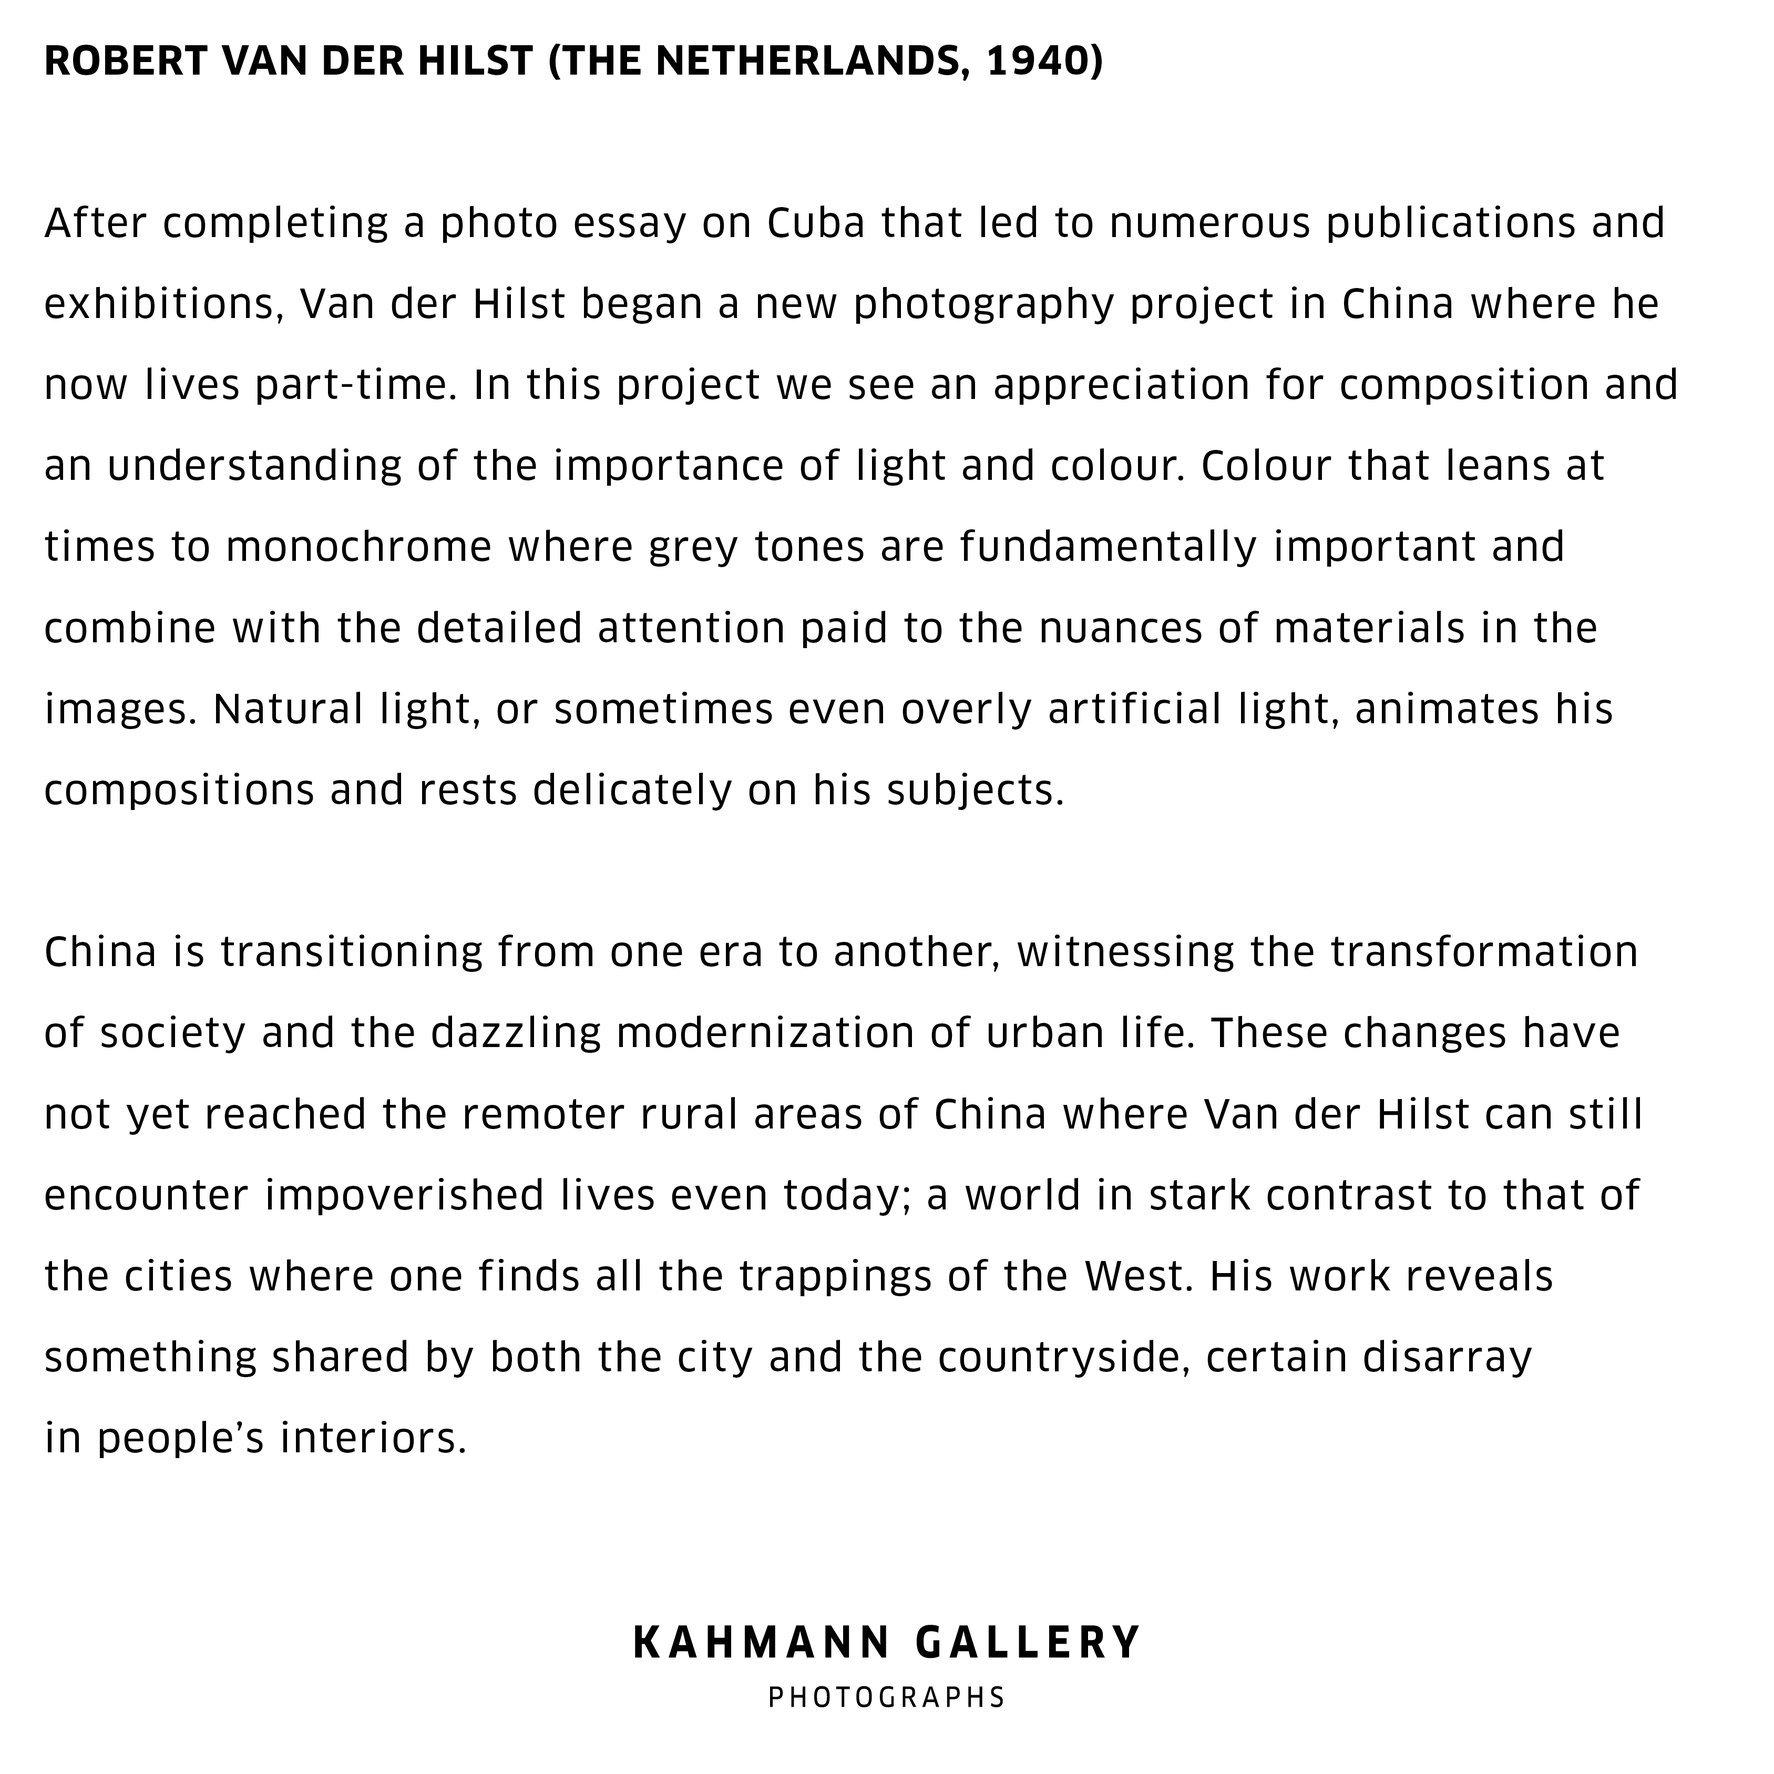 KG Viewbook - Artists_11.jpg